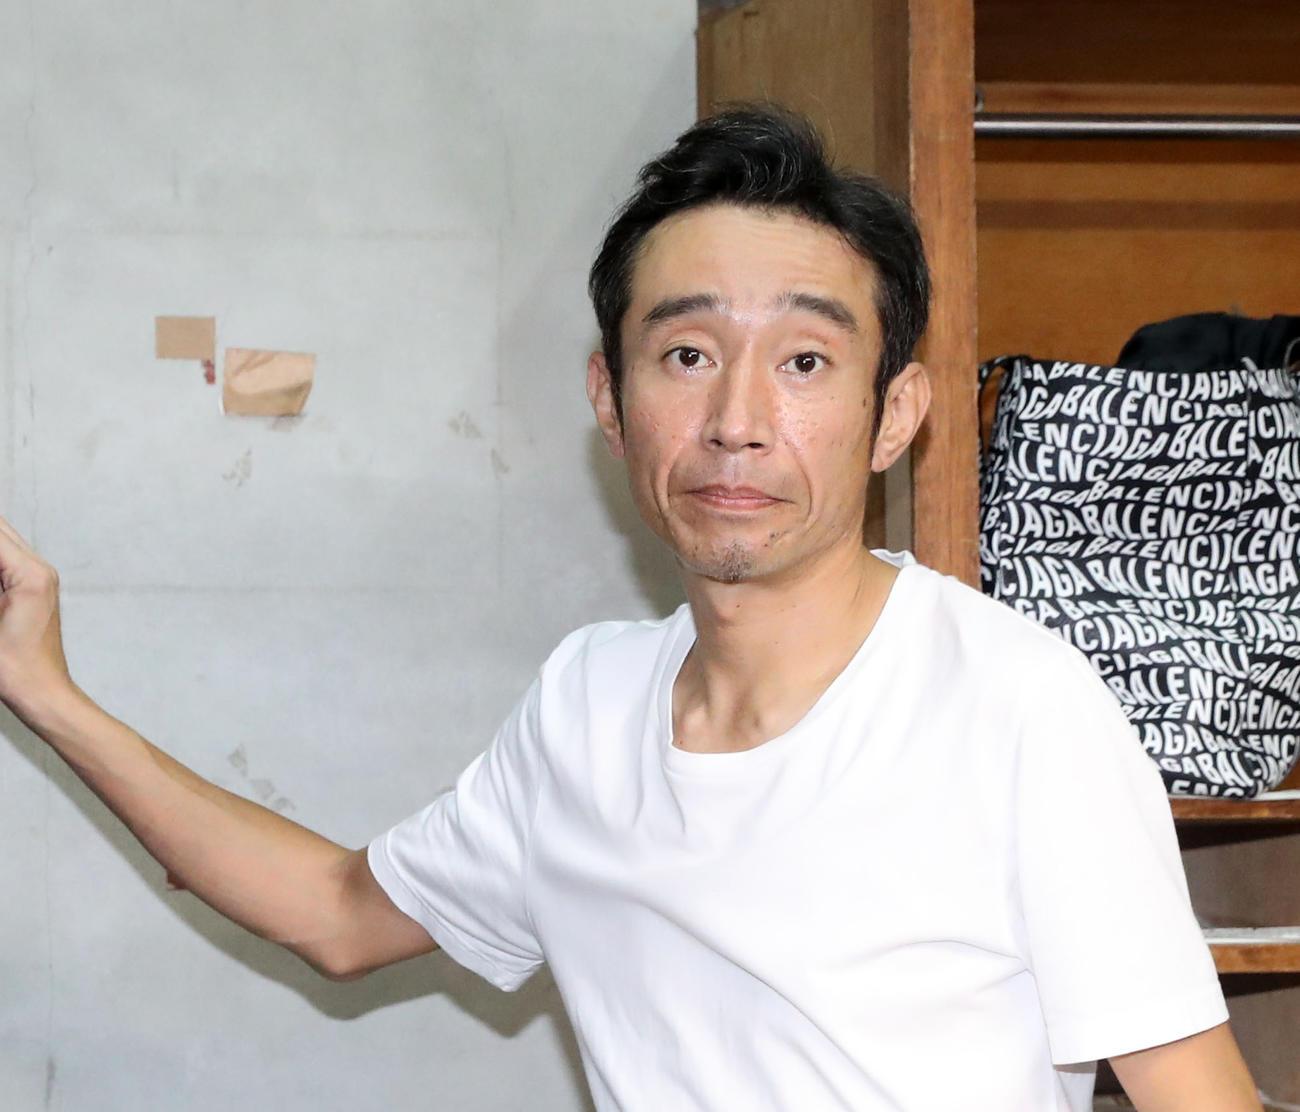 トリプルグランドスラム達成に挑んだ永井大介は3着だった(撮影・屋方直哉)